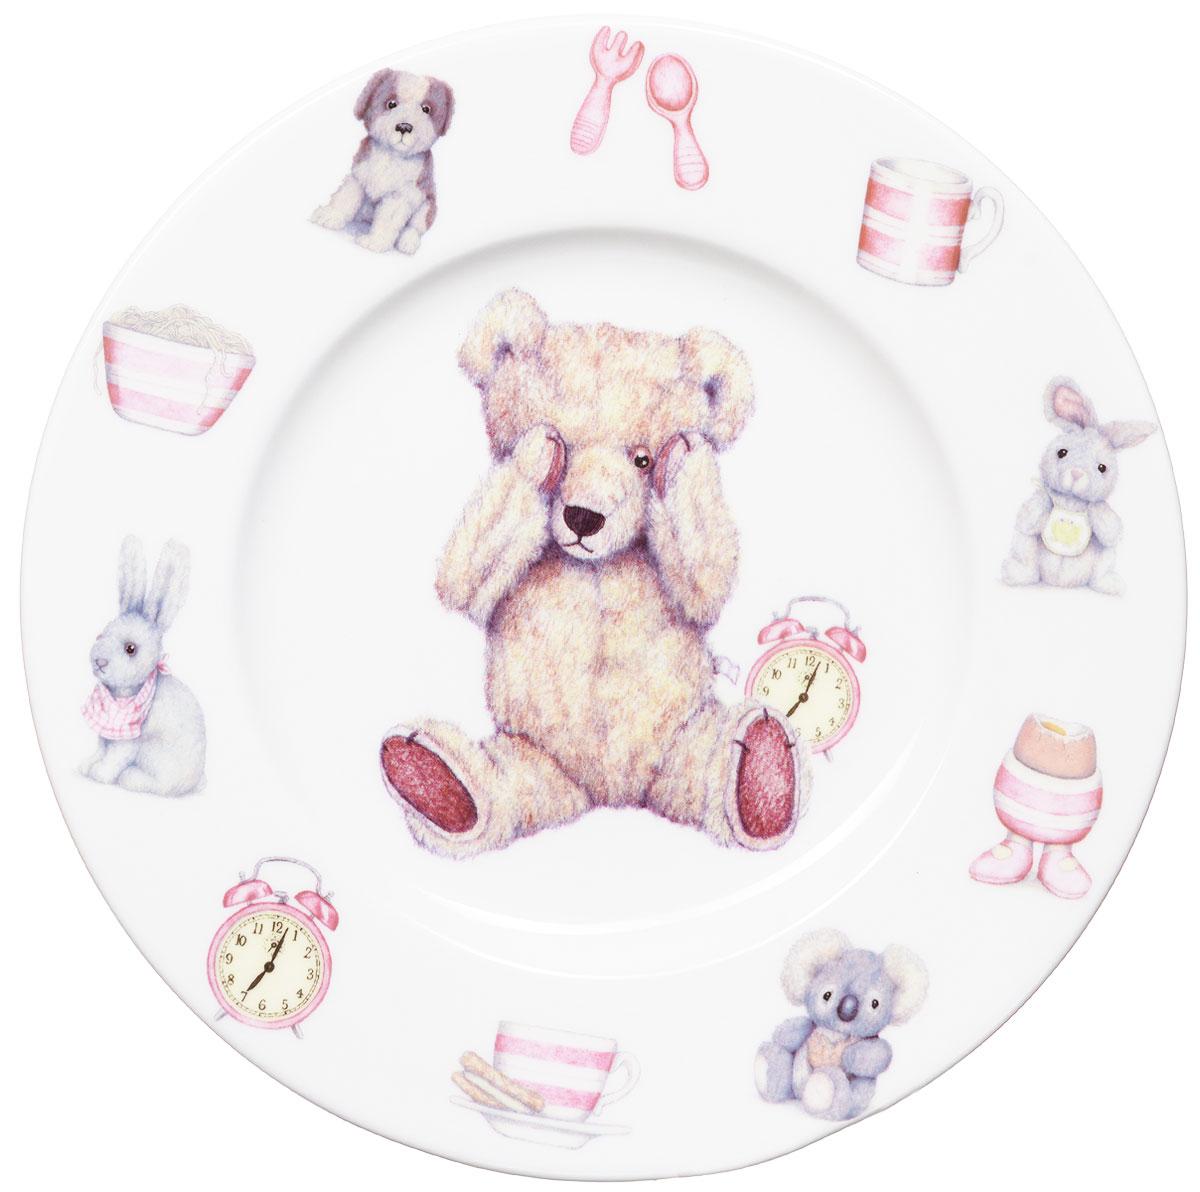 Roy Kirkham Тарелка Тедди тайм 19,5 см цвет розовыйXTEDPIN1392Яркая фарфоровая тарелка Тедди тайм превратит процесс кормления вашего малыша в веселую игру. Очаровательный образ медвежонка Тедди - воплощение английской классики. В коллекции детской посуды и подарочных аксессуаров Тедди тайм английской компании Roy Kirkham, всемирно признанного бренда с более чем 40-летней историей, все предметы изготовлены из тонкостенного костяного фарфора - керамического материала высшего качества, отличающегося необыкновенной прочностью и небольшим весом. Ваш ребенок будет кушать с большим удовольствием, стараясь быстрее добраться до картинки с мишкой Тедди. Отвечает всем требованиям безопасности при контакте с пищей.